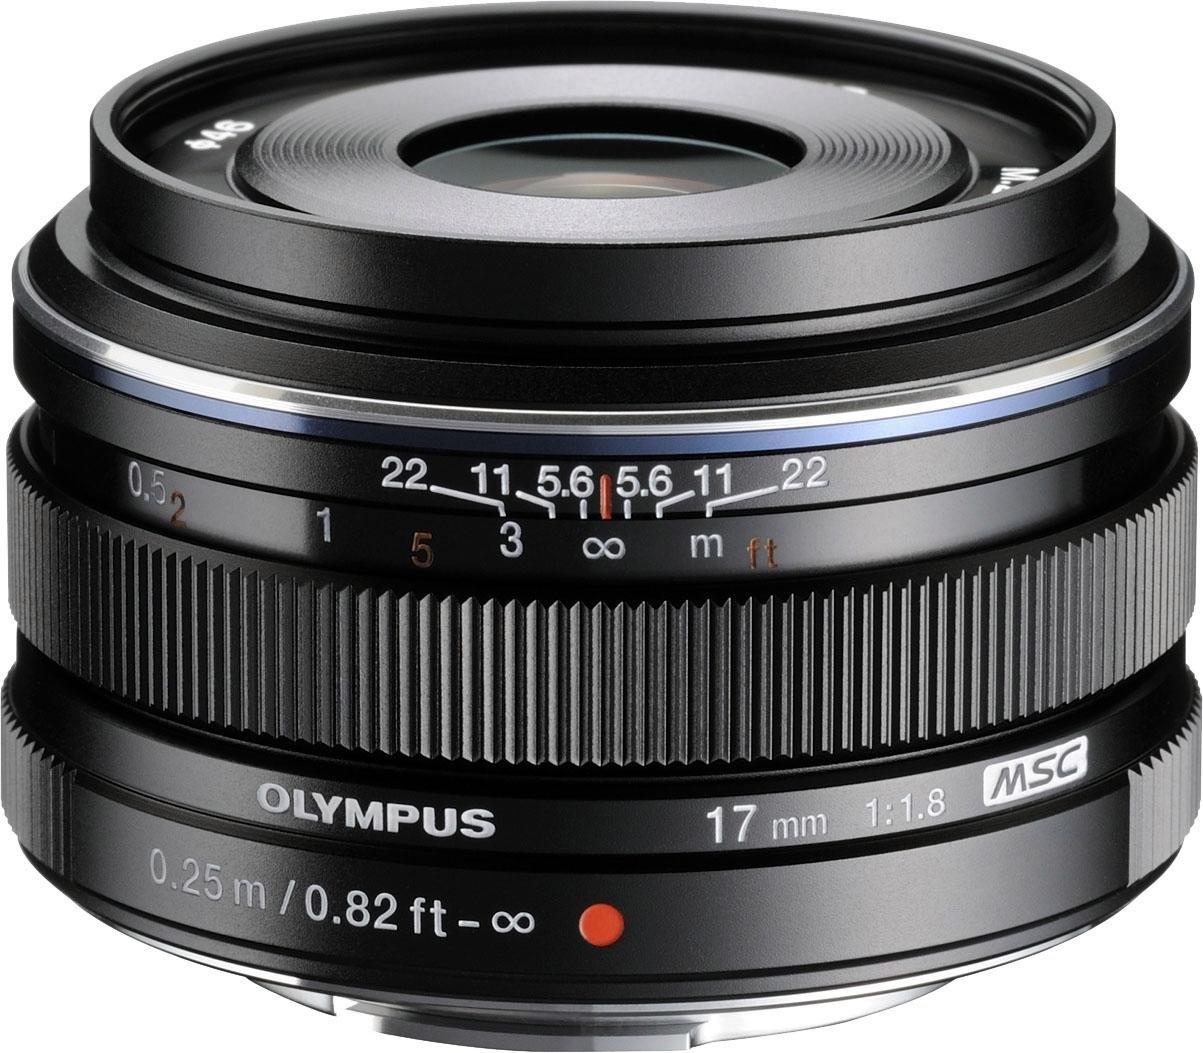 Olympus Groothoekobjectief M.ZUIKO DIGITAL 17 mm F1.8 nu online bestellen